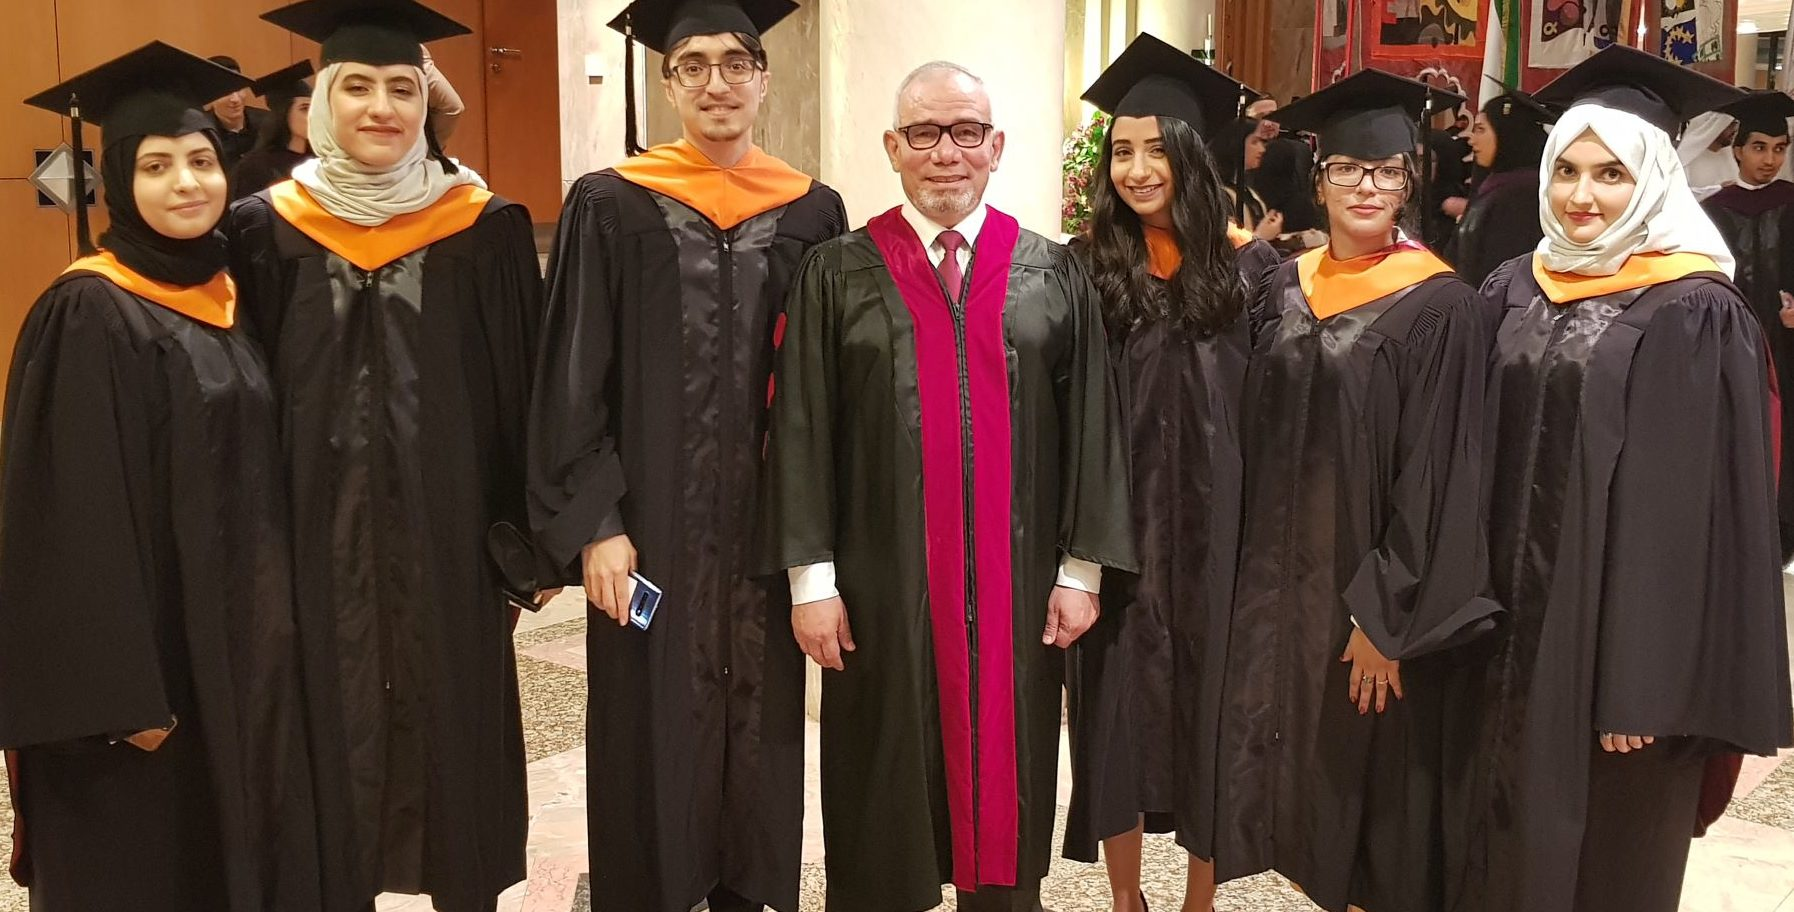 تخريج أول دفعة من برنامج الماجستير في العلوم الطبية الحيوية في الجامعة الأميركية في الشارقة